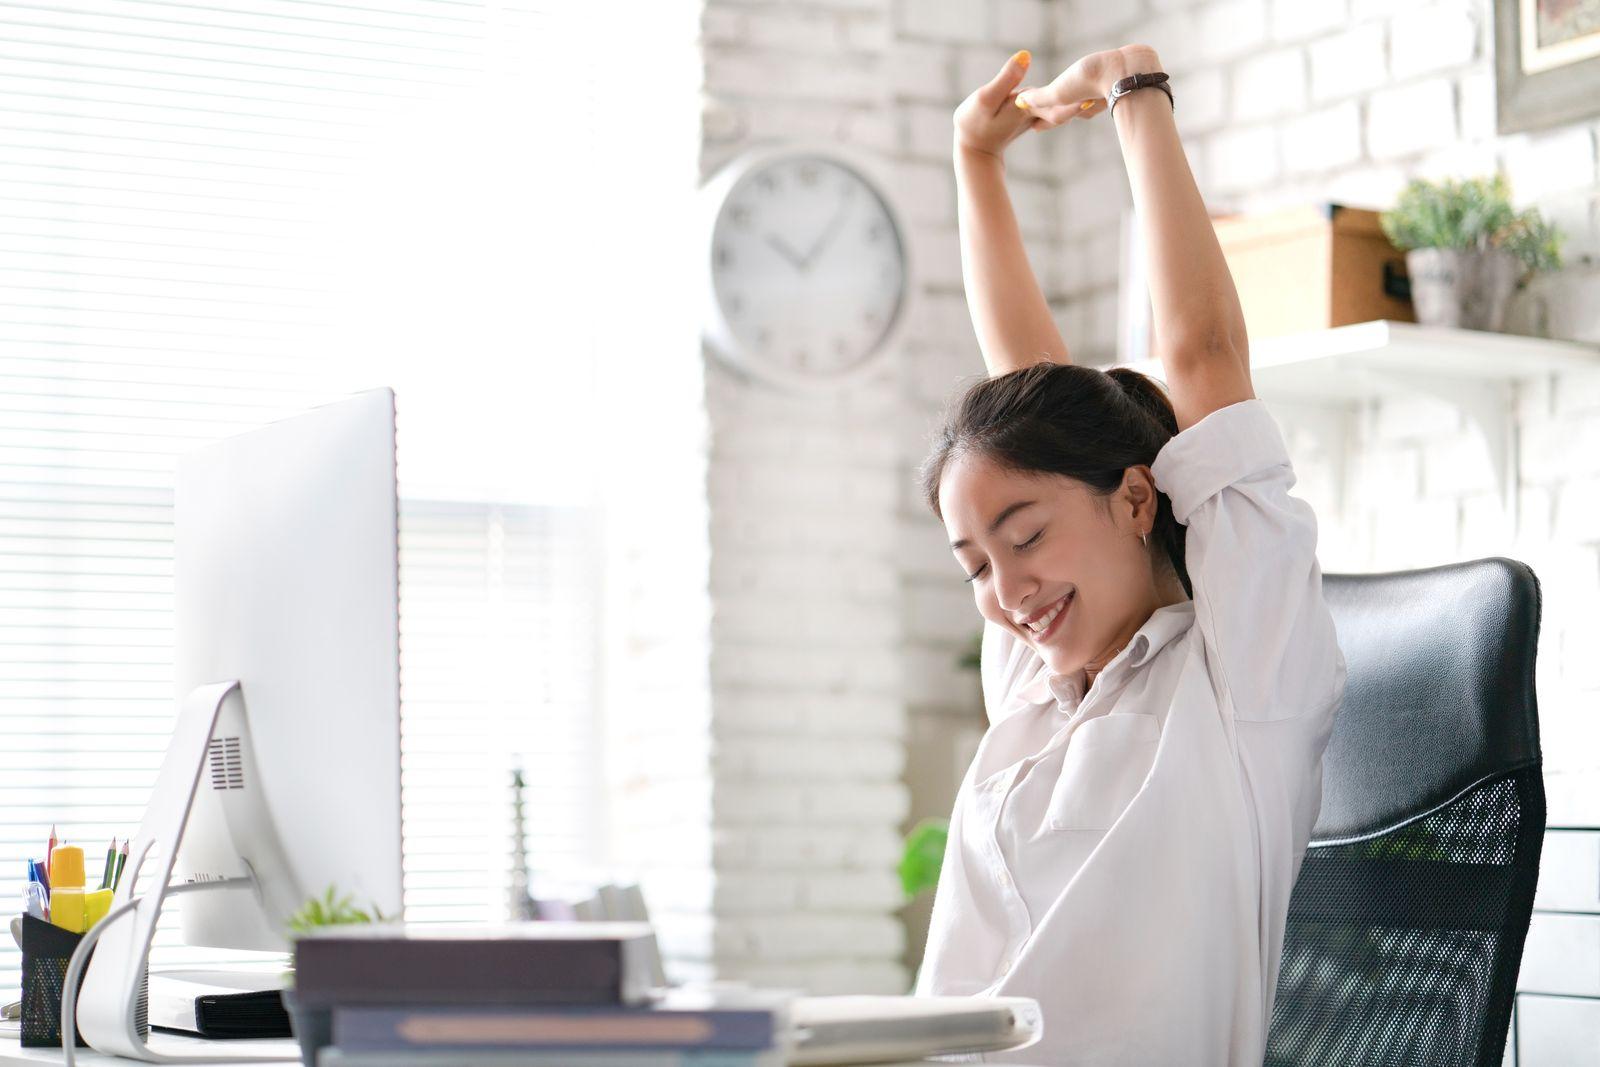 Femme qui s'étire dans son bureau